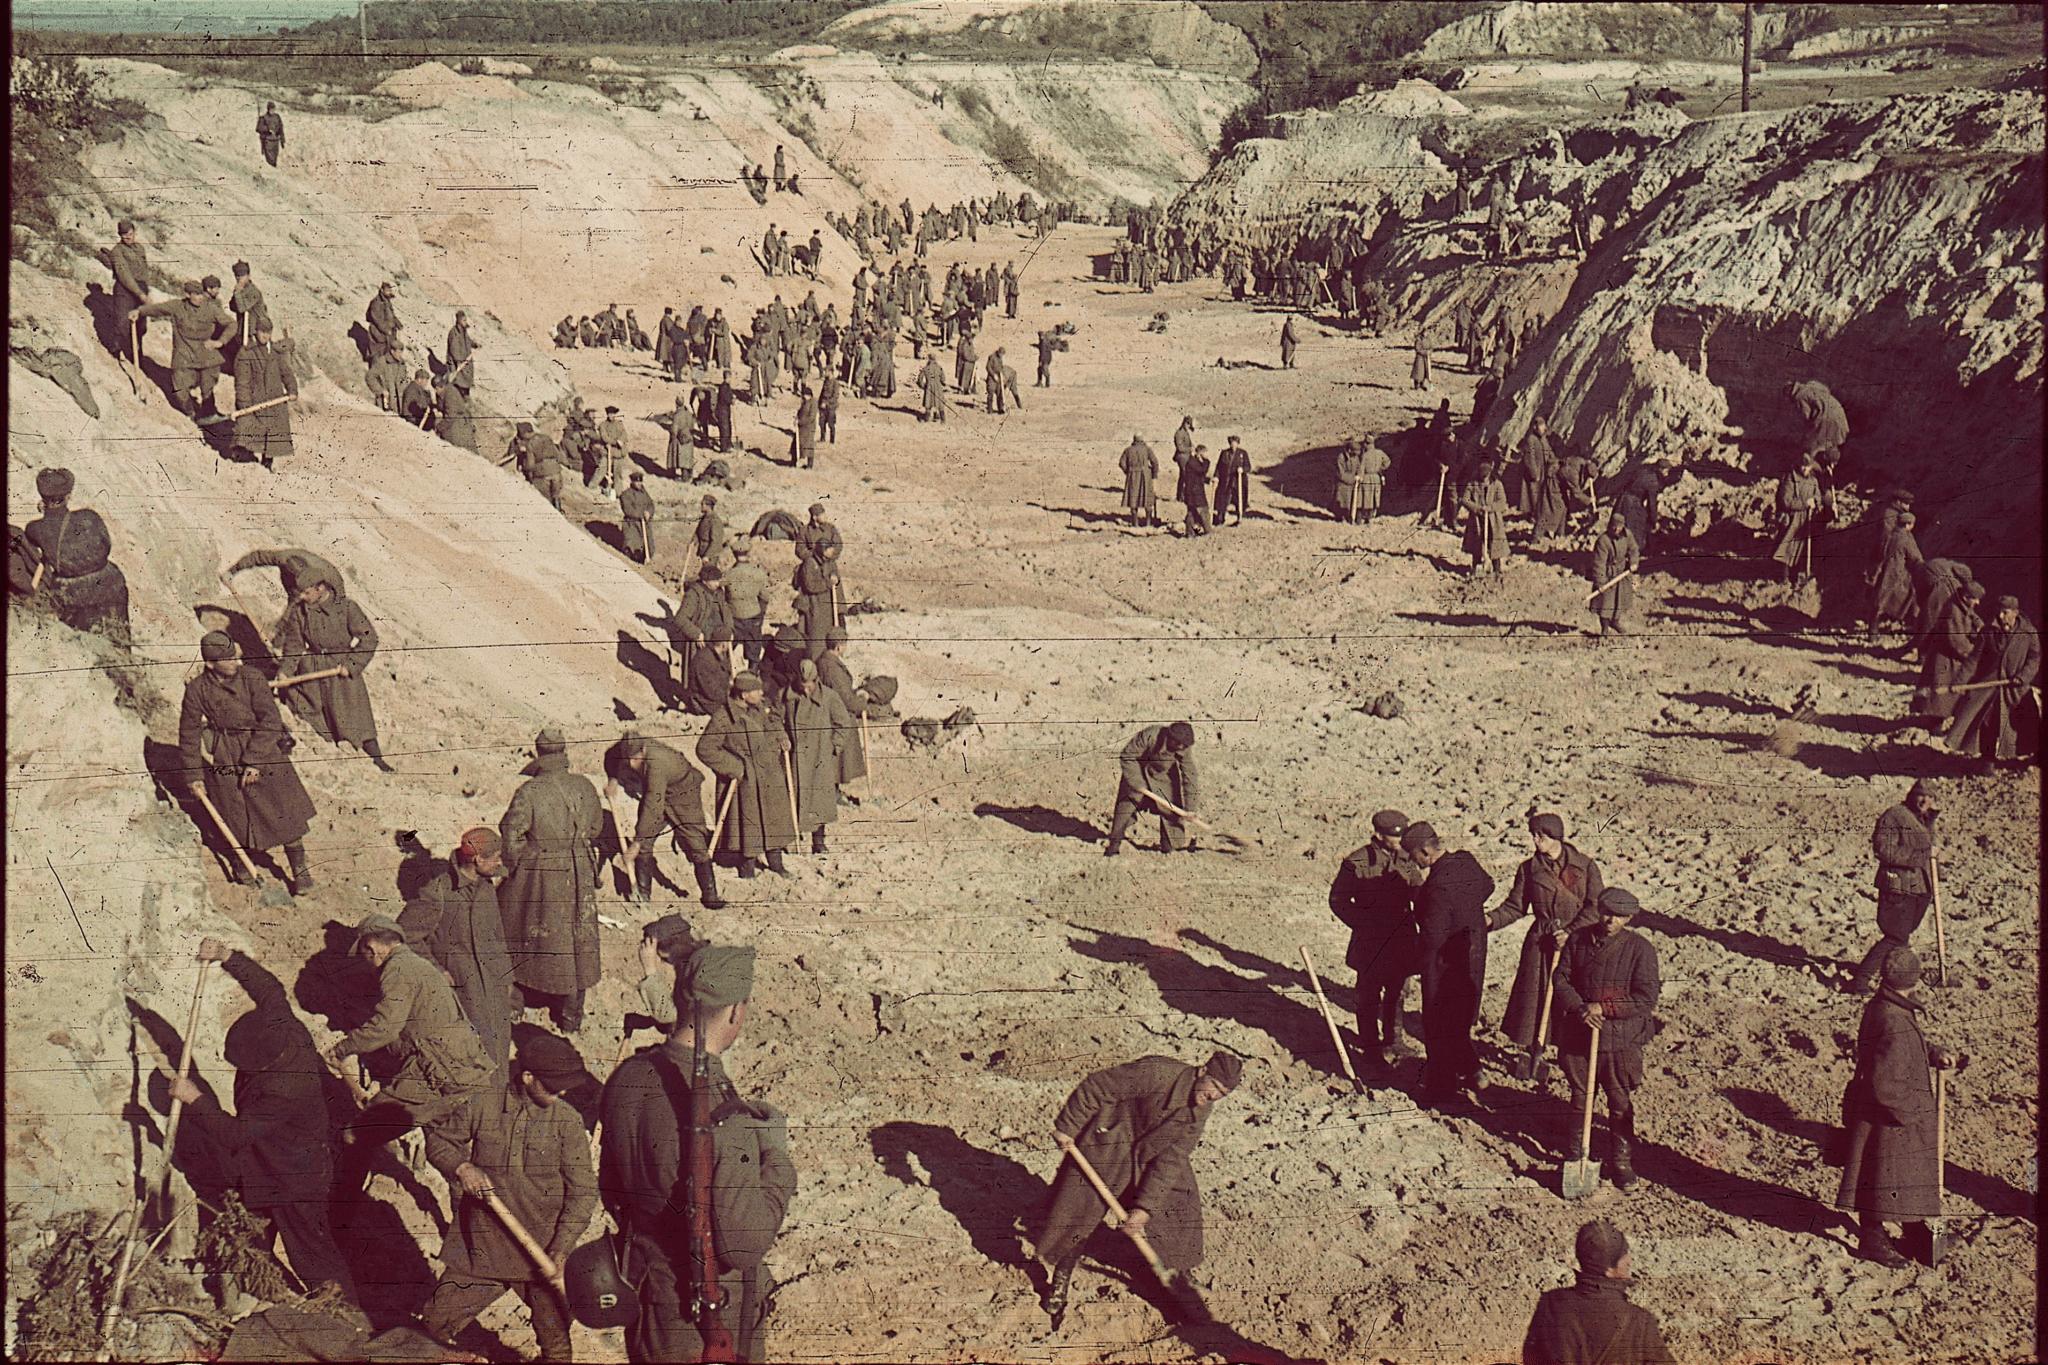 גרמנים ואוקראינים צועדים על קבר האחים שבו נרצחו 33,771 יהודים בבאבי יאר (צילום: רשות הציבור)